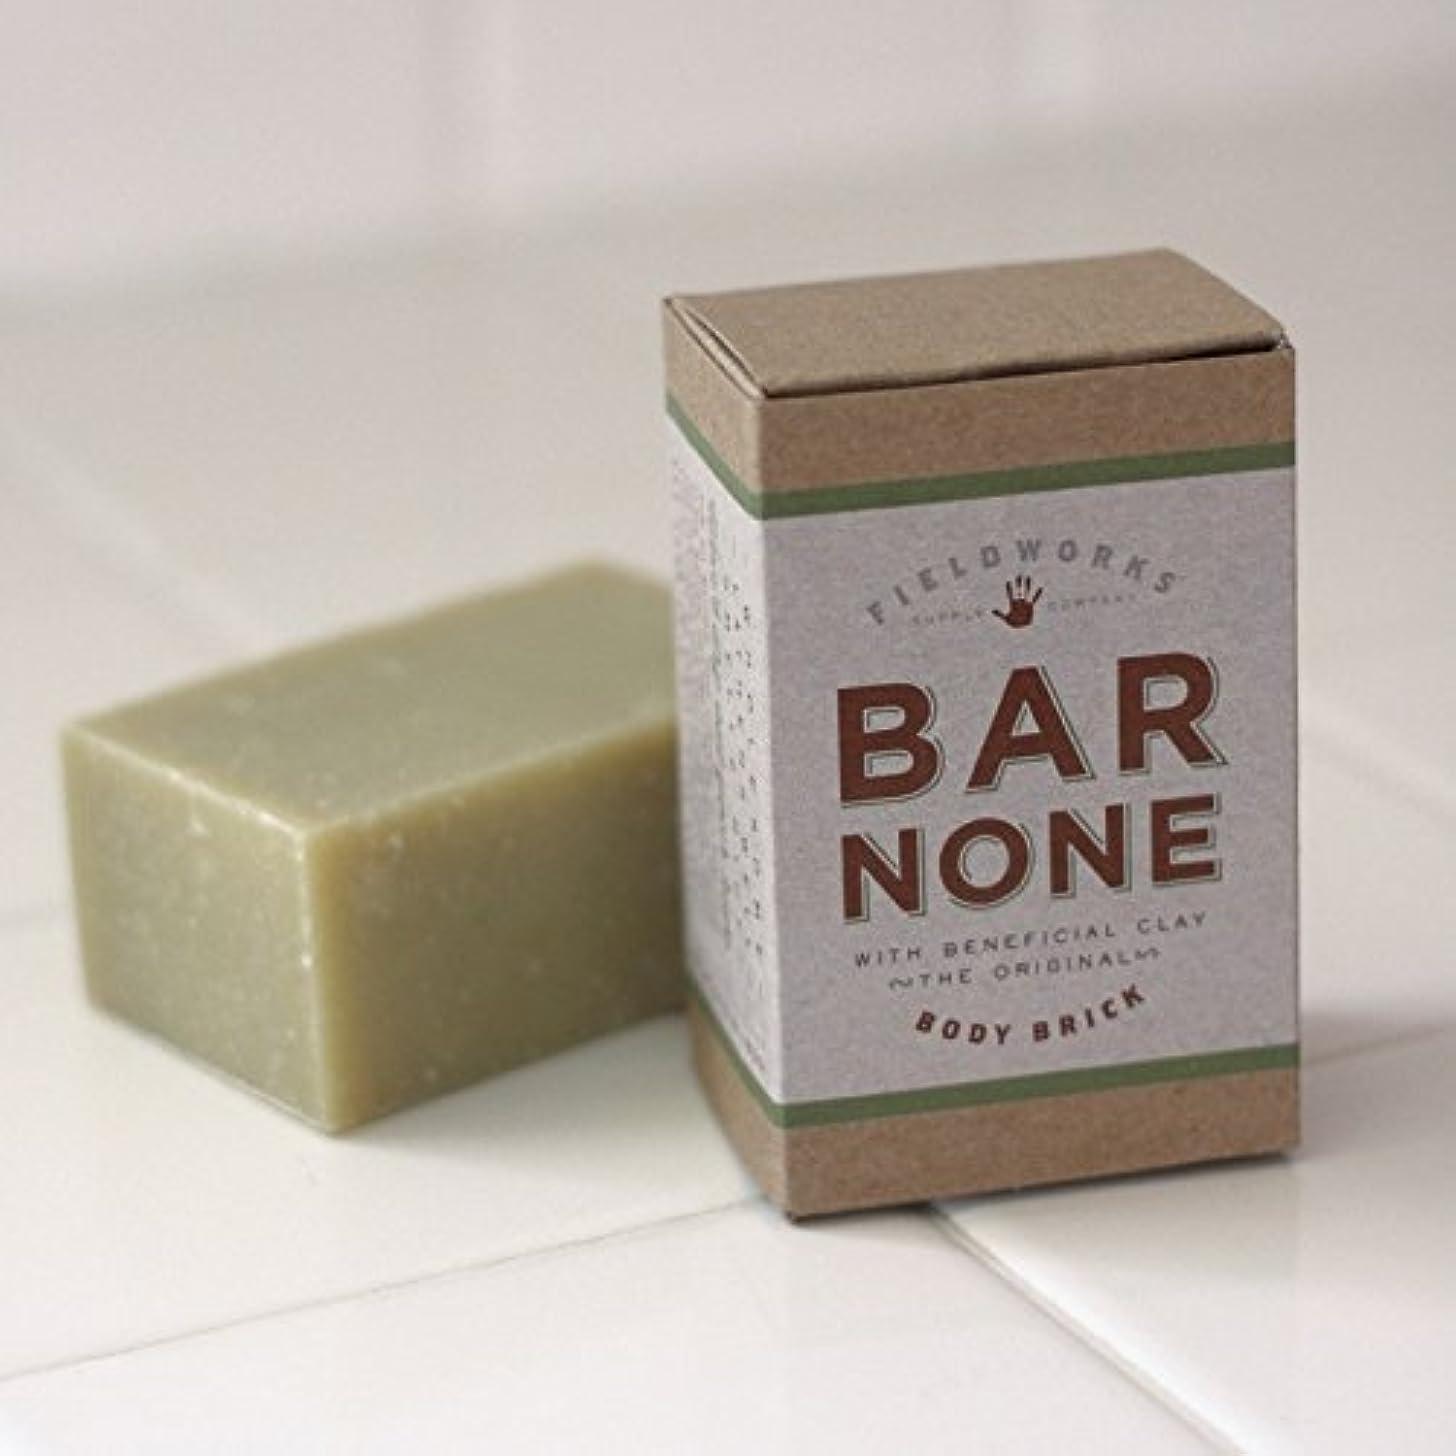 打ち上げるカテナ不格好Bar None Body and Shampoo Brick With Beneficial Bentonite Clay Mens Organic Soap by Fieldworks